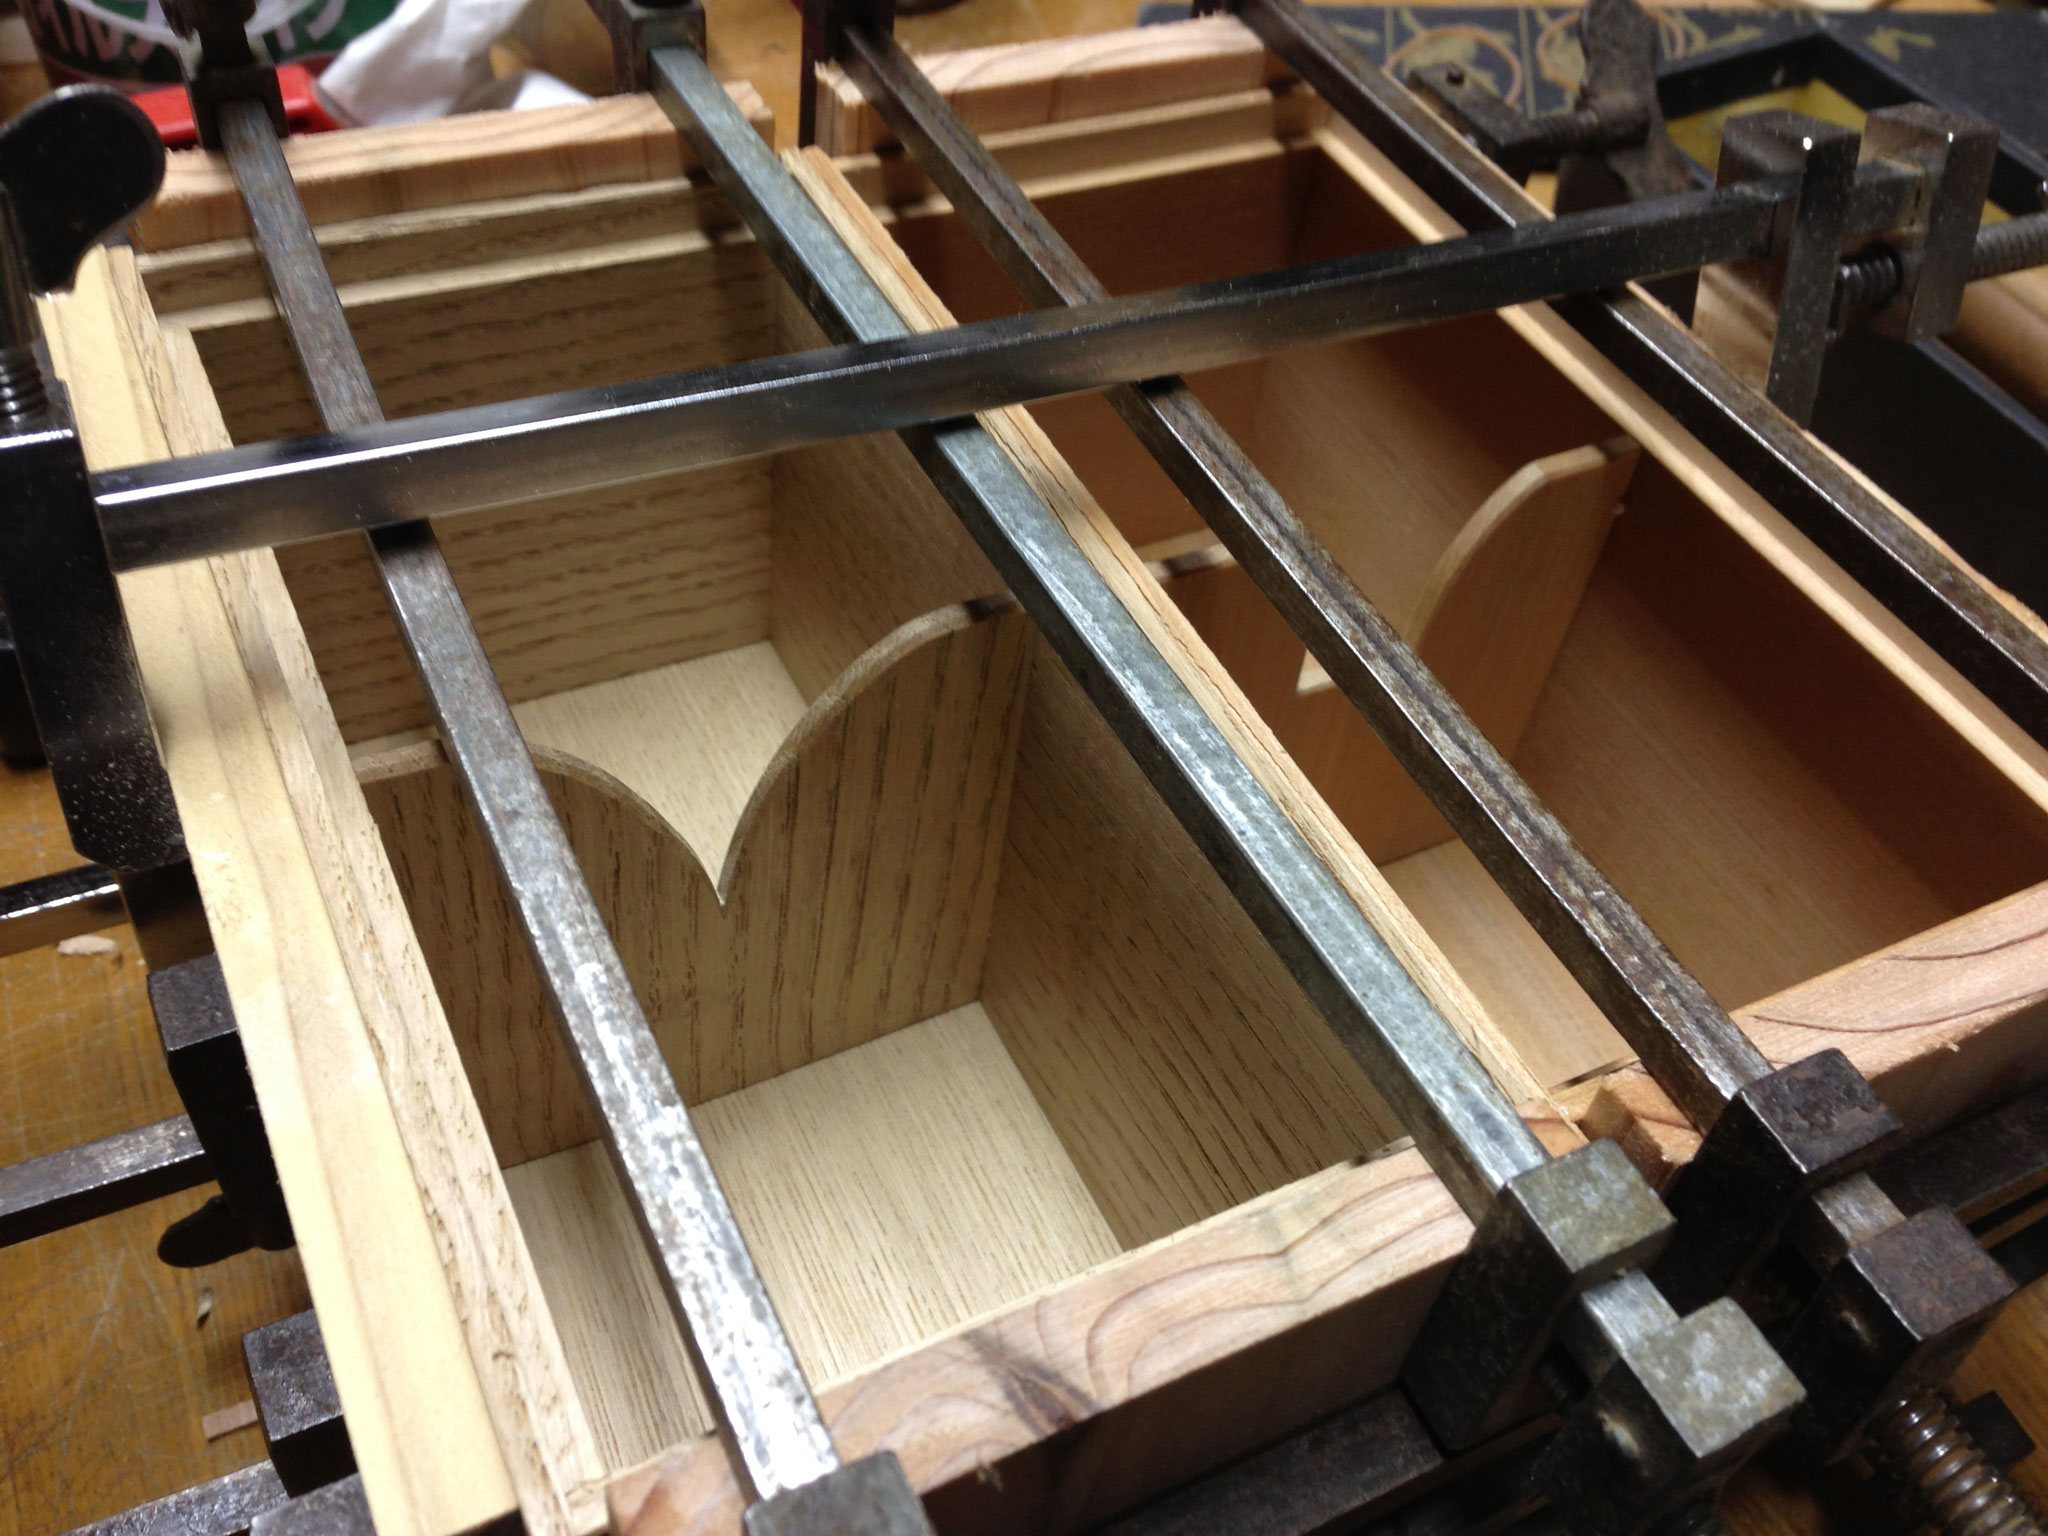 箱類の組み立て これで形が決まるので気を使います